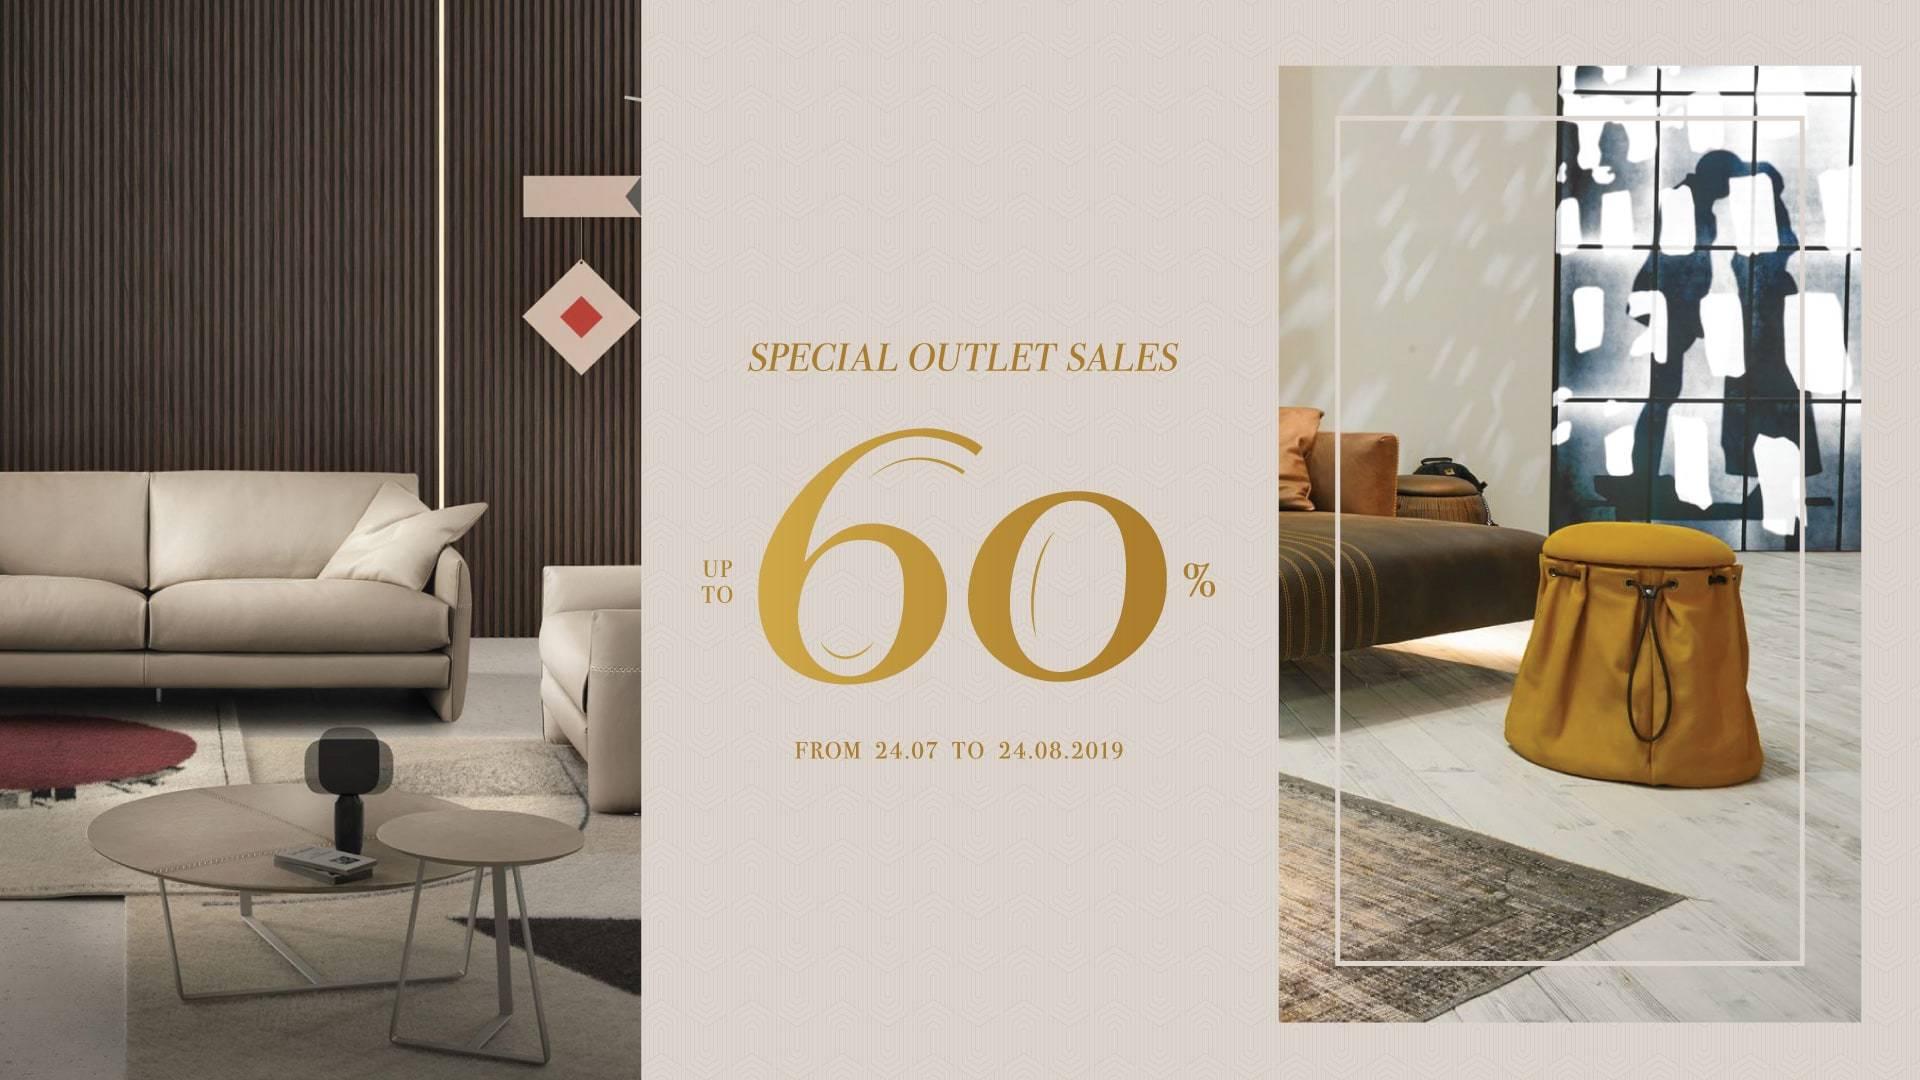 Special-Outlet-Sales-new-event-desktop